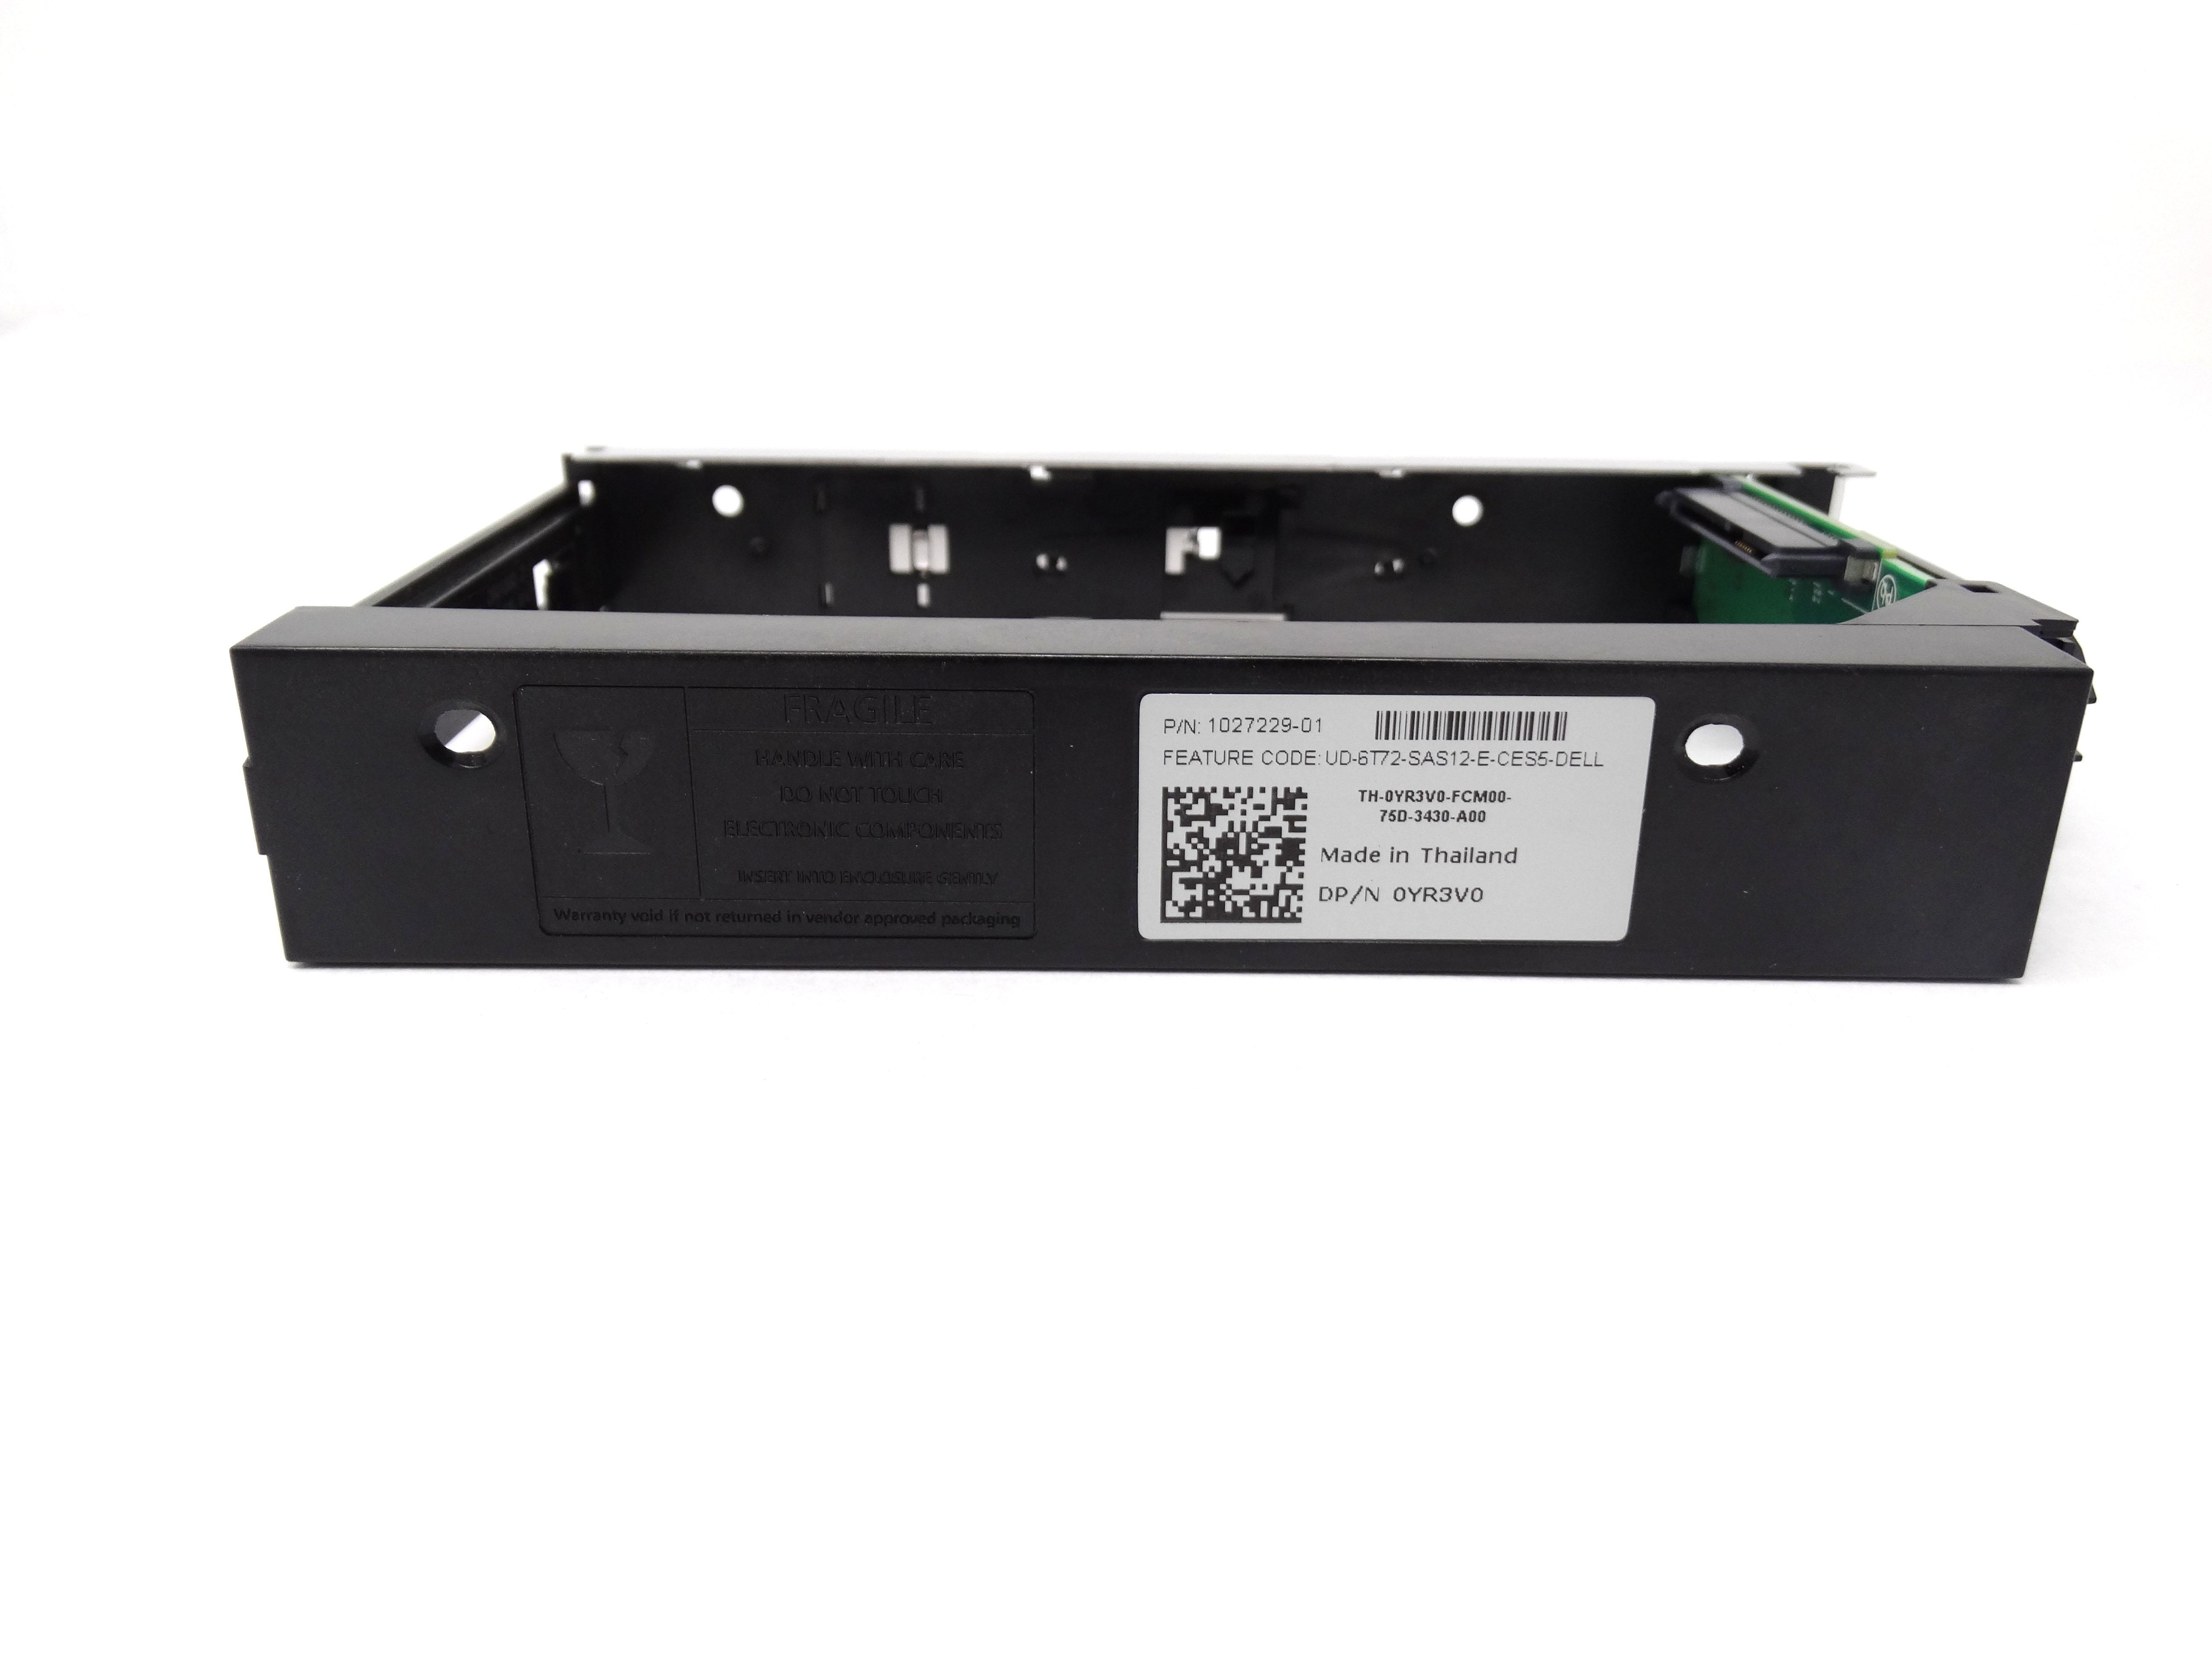 Dell Compellent SC280 / SC180 LFF 3 5'' Drive Caddy Tray HGV5J (1027229-01)